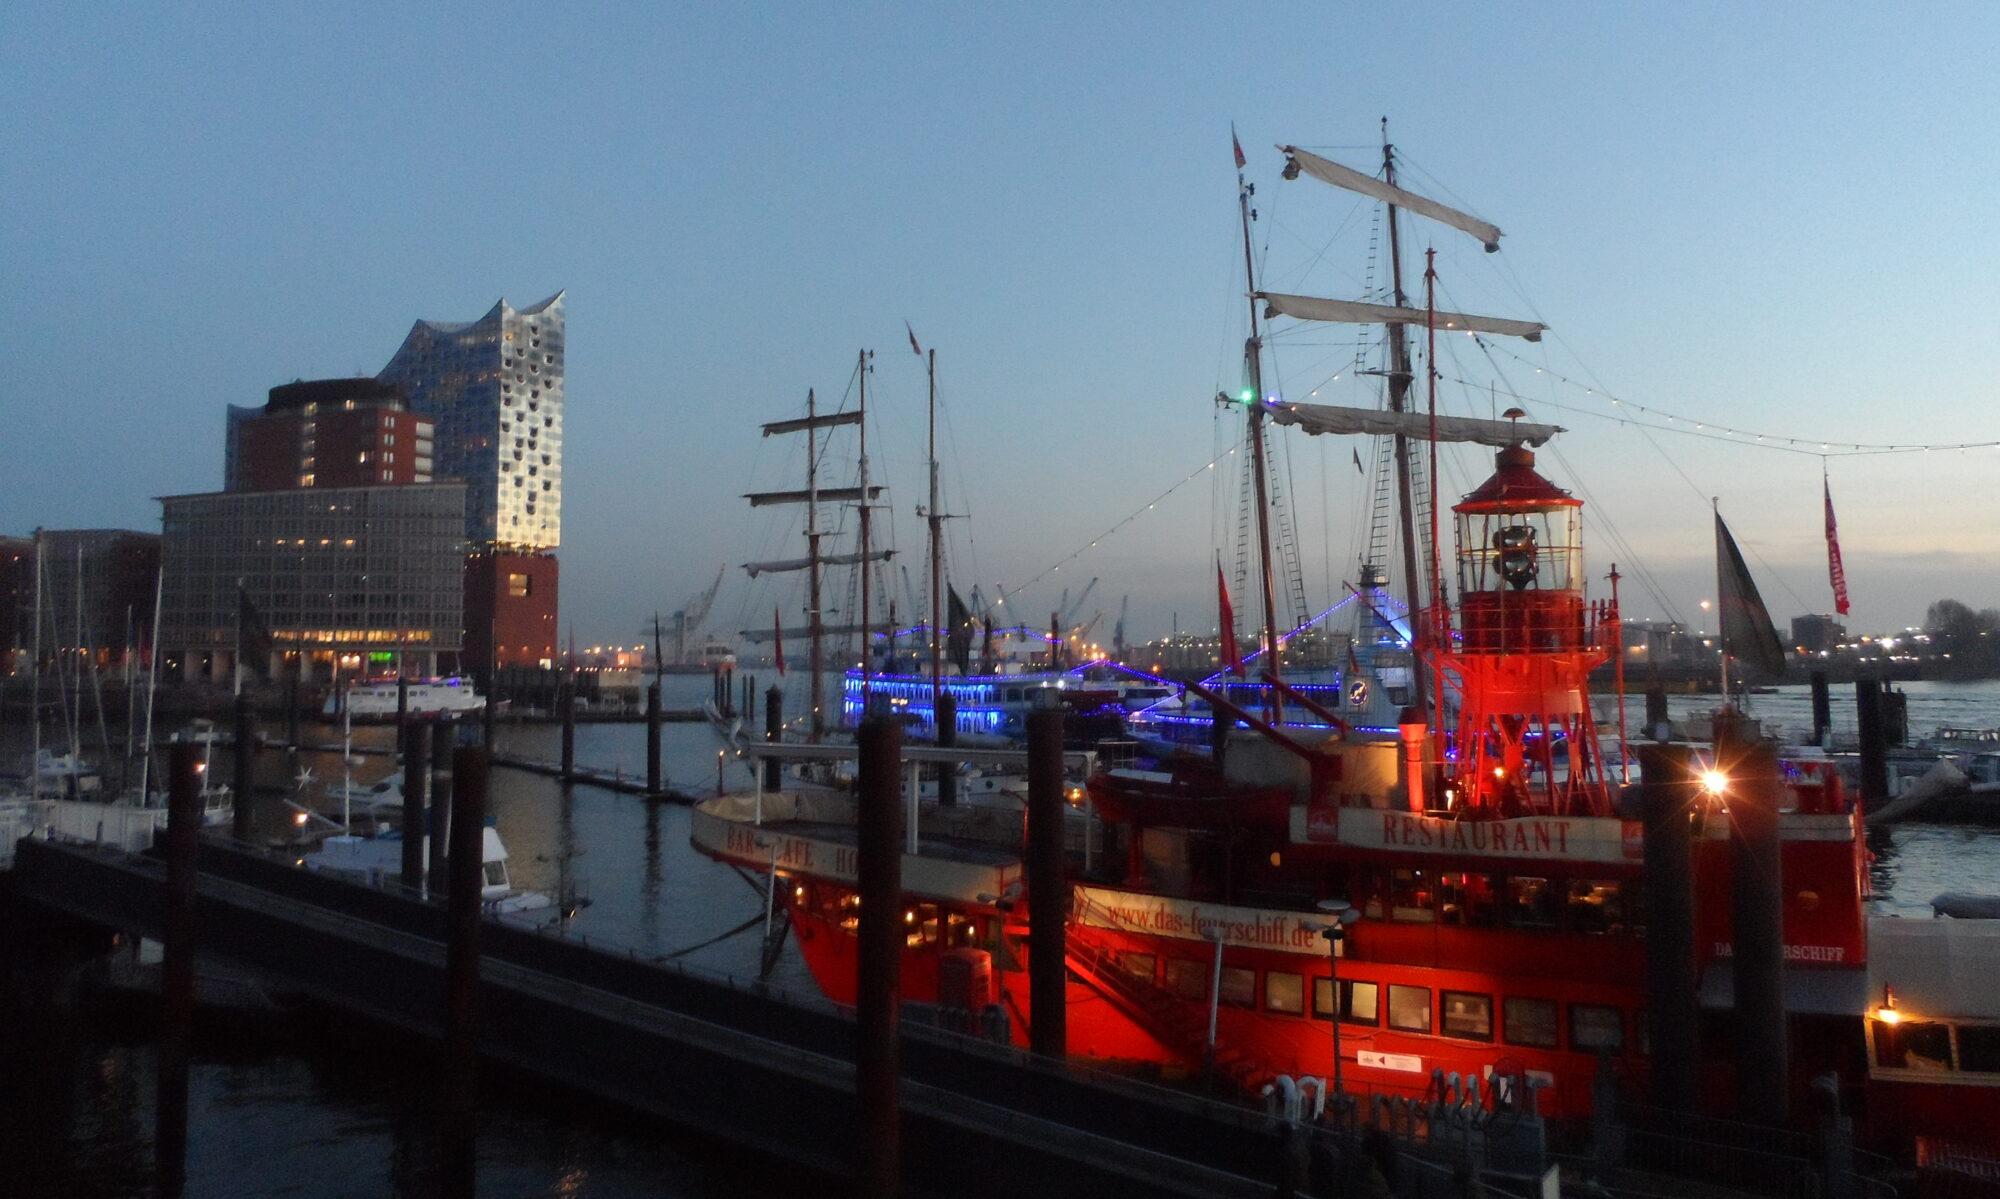 AEGEE-Hamburg